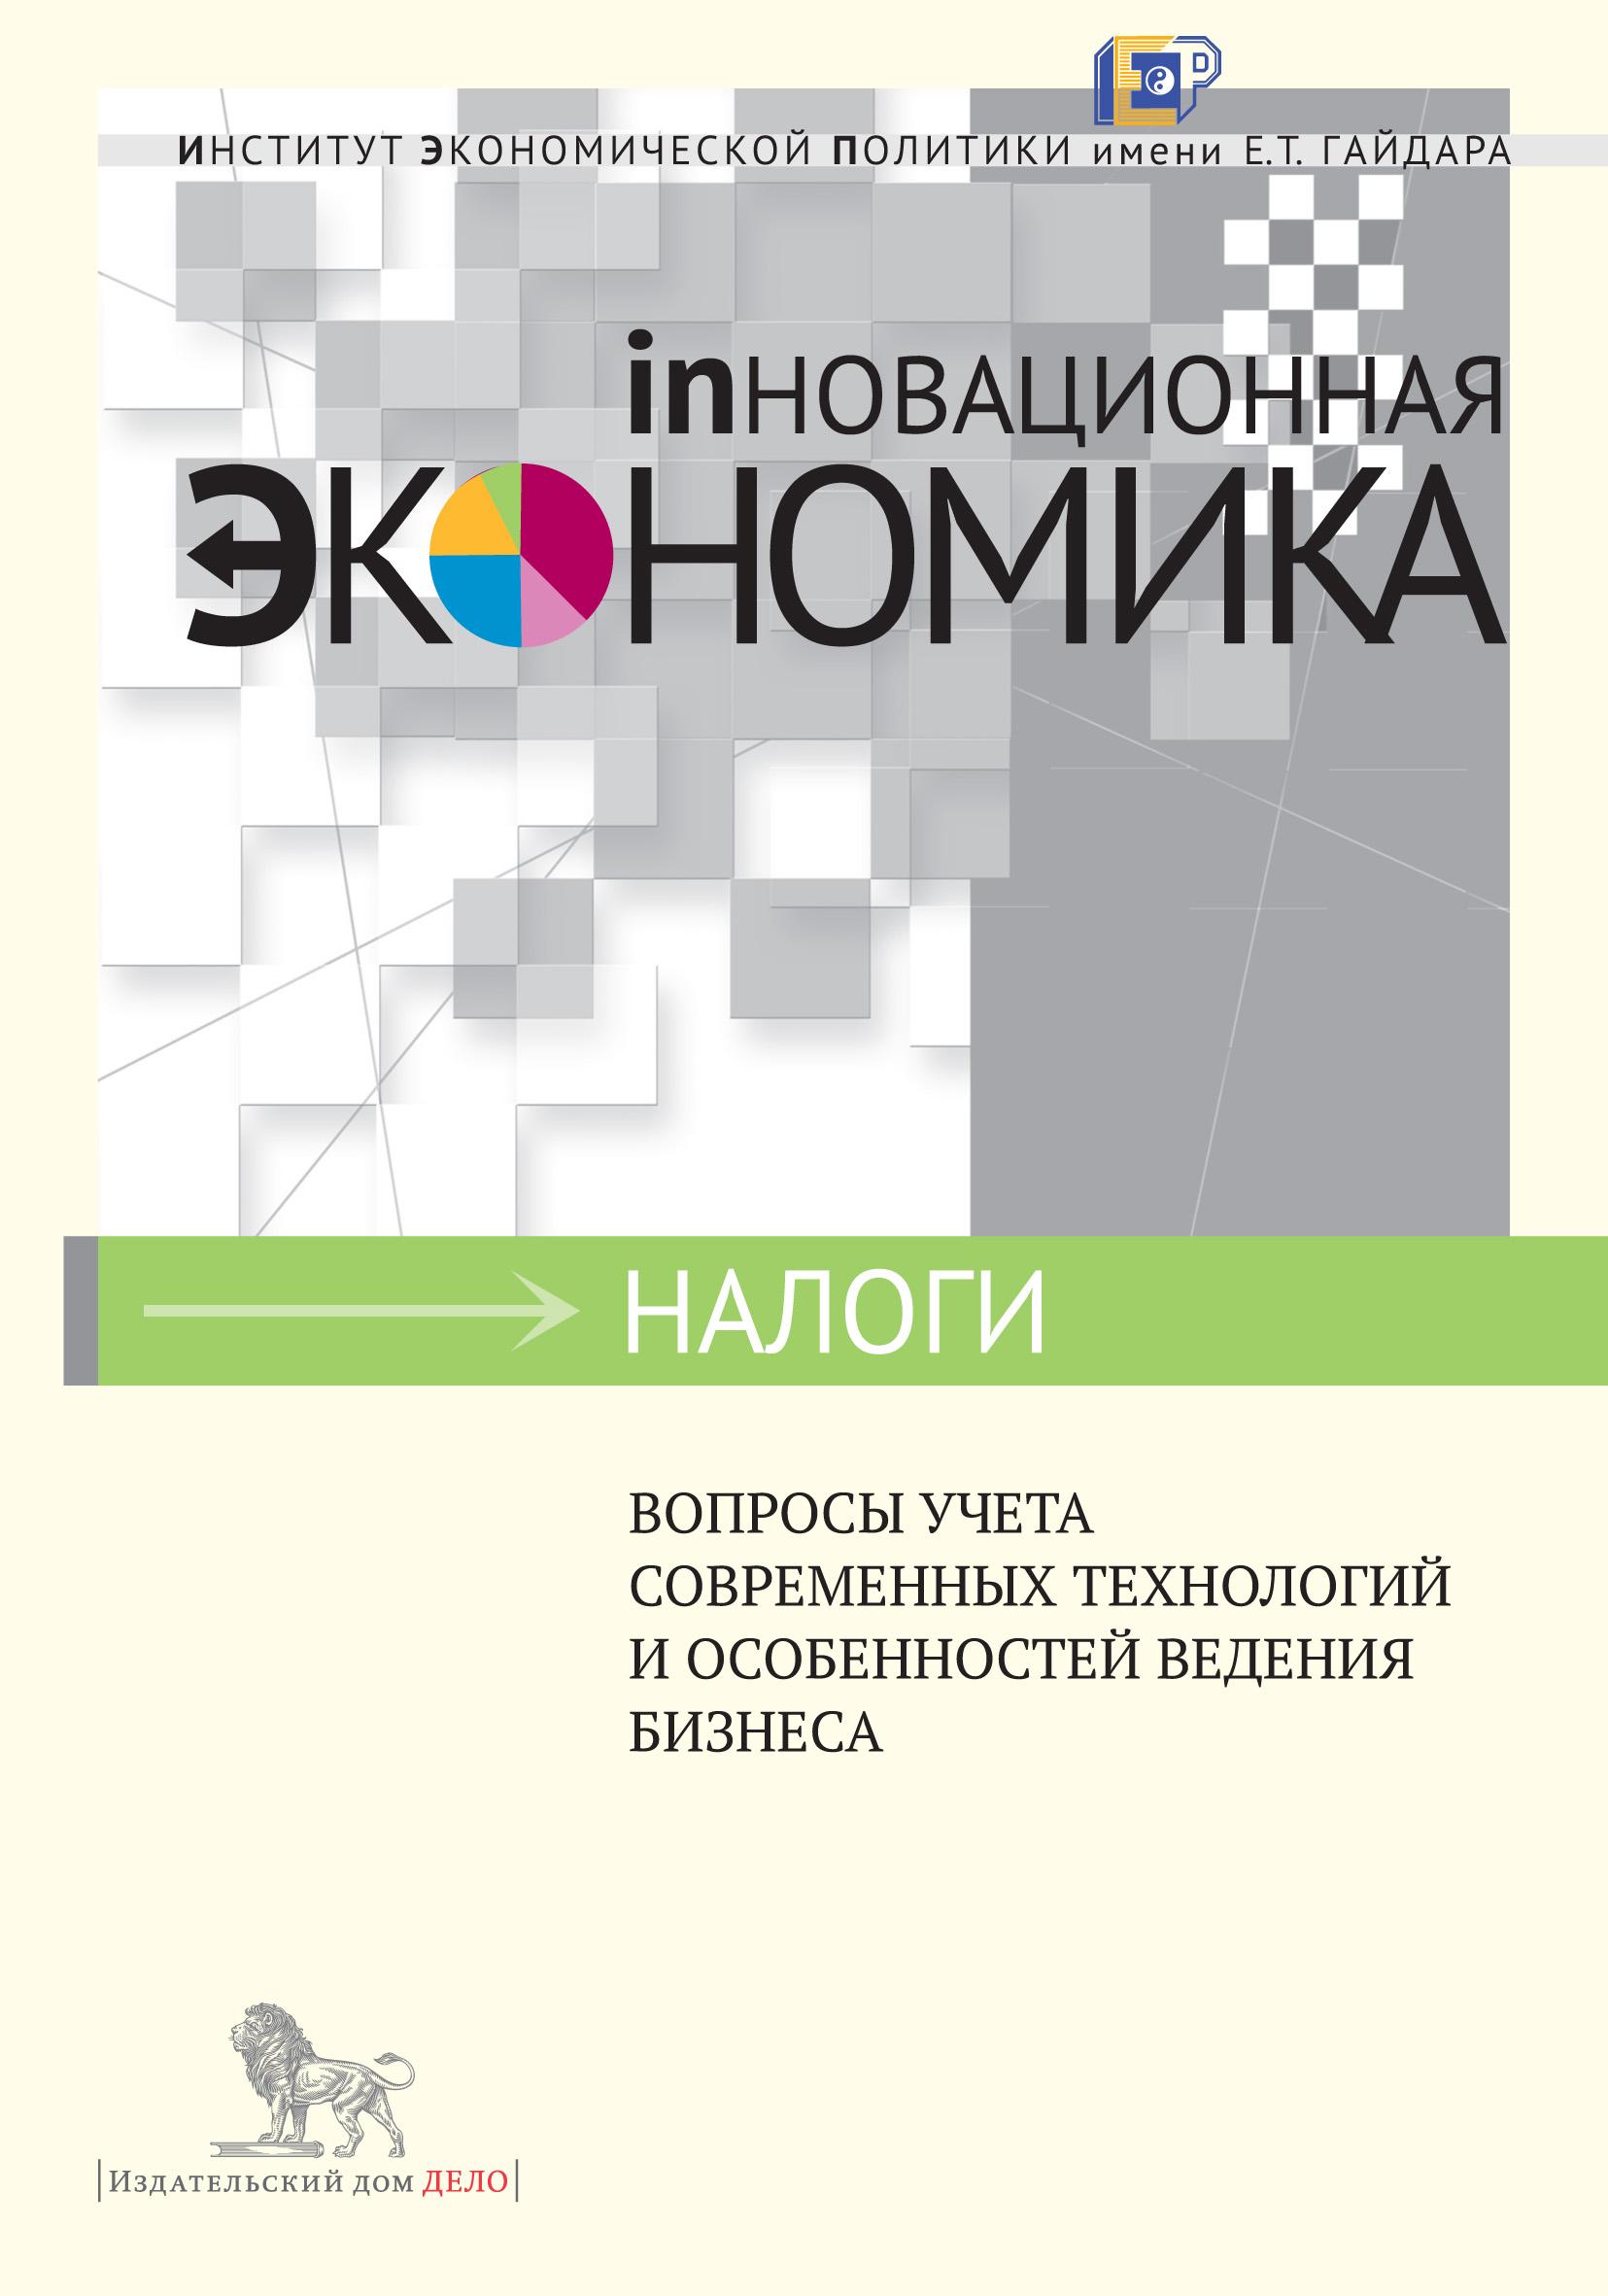 Вопросы учета современных технологий и особенностей ведения бизнеса